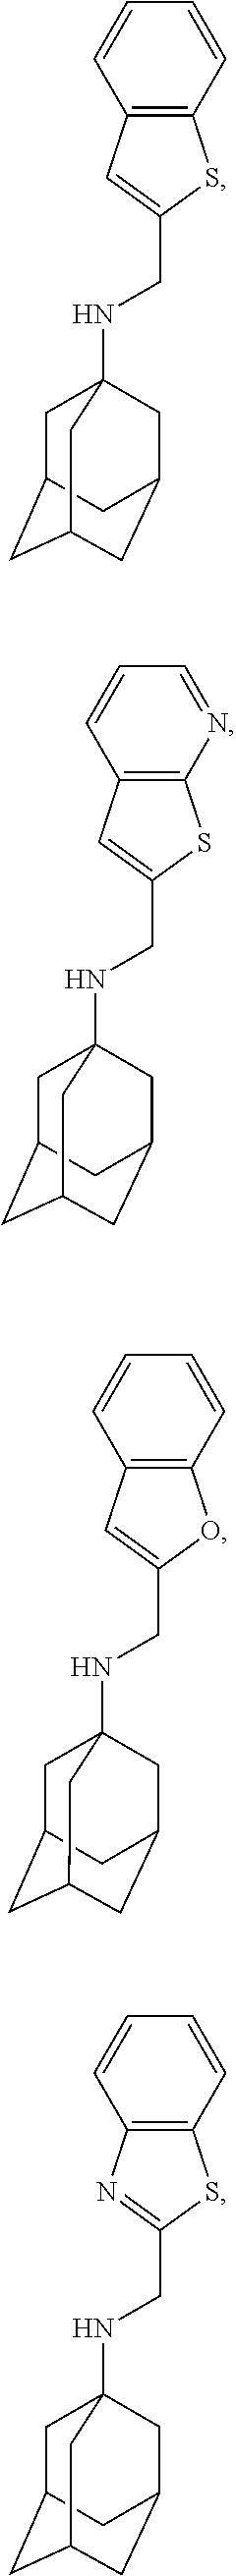 Figure US09884832-20180206-C00125